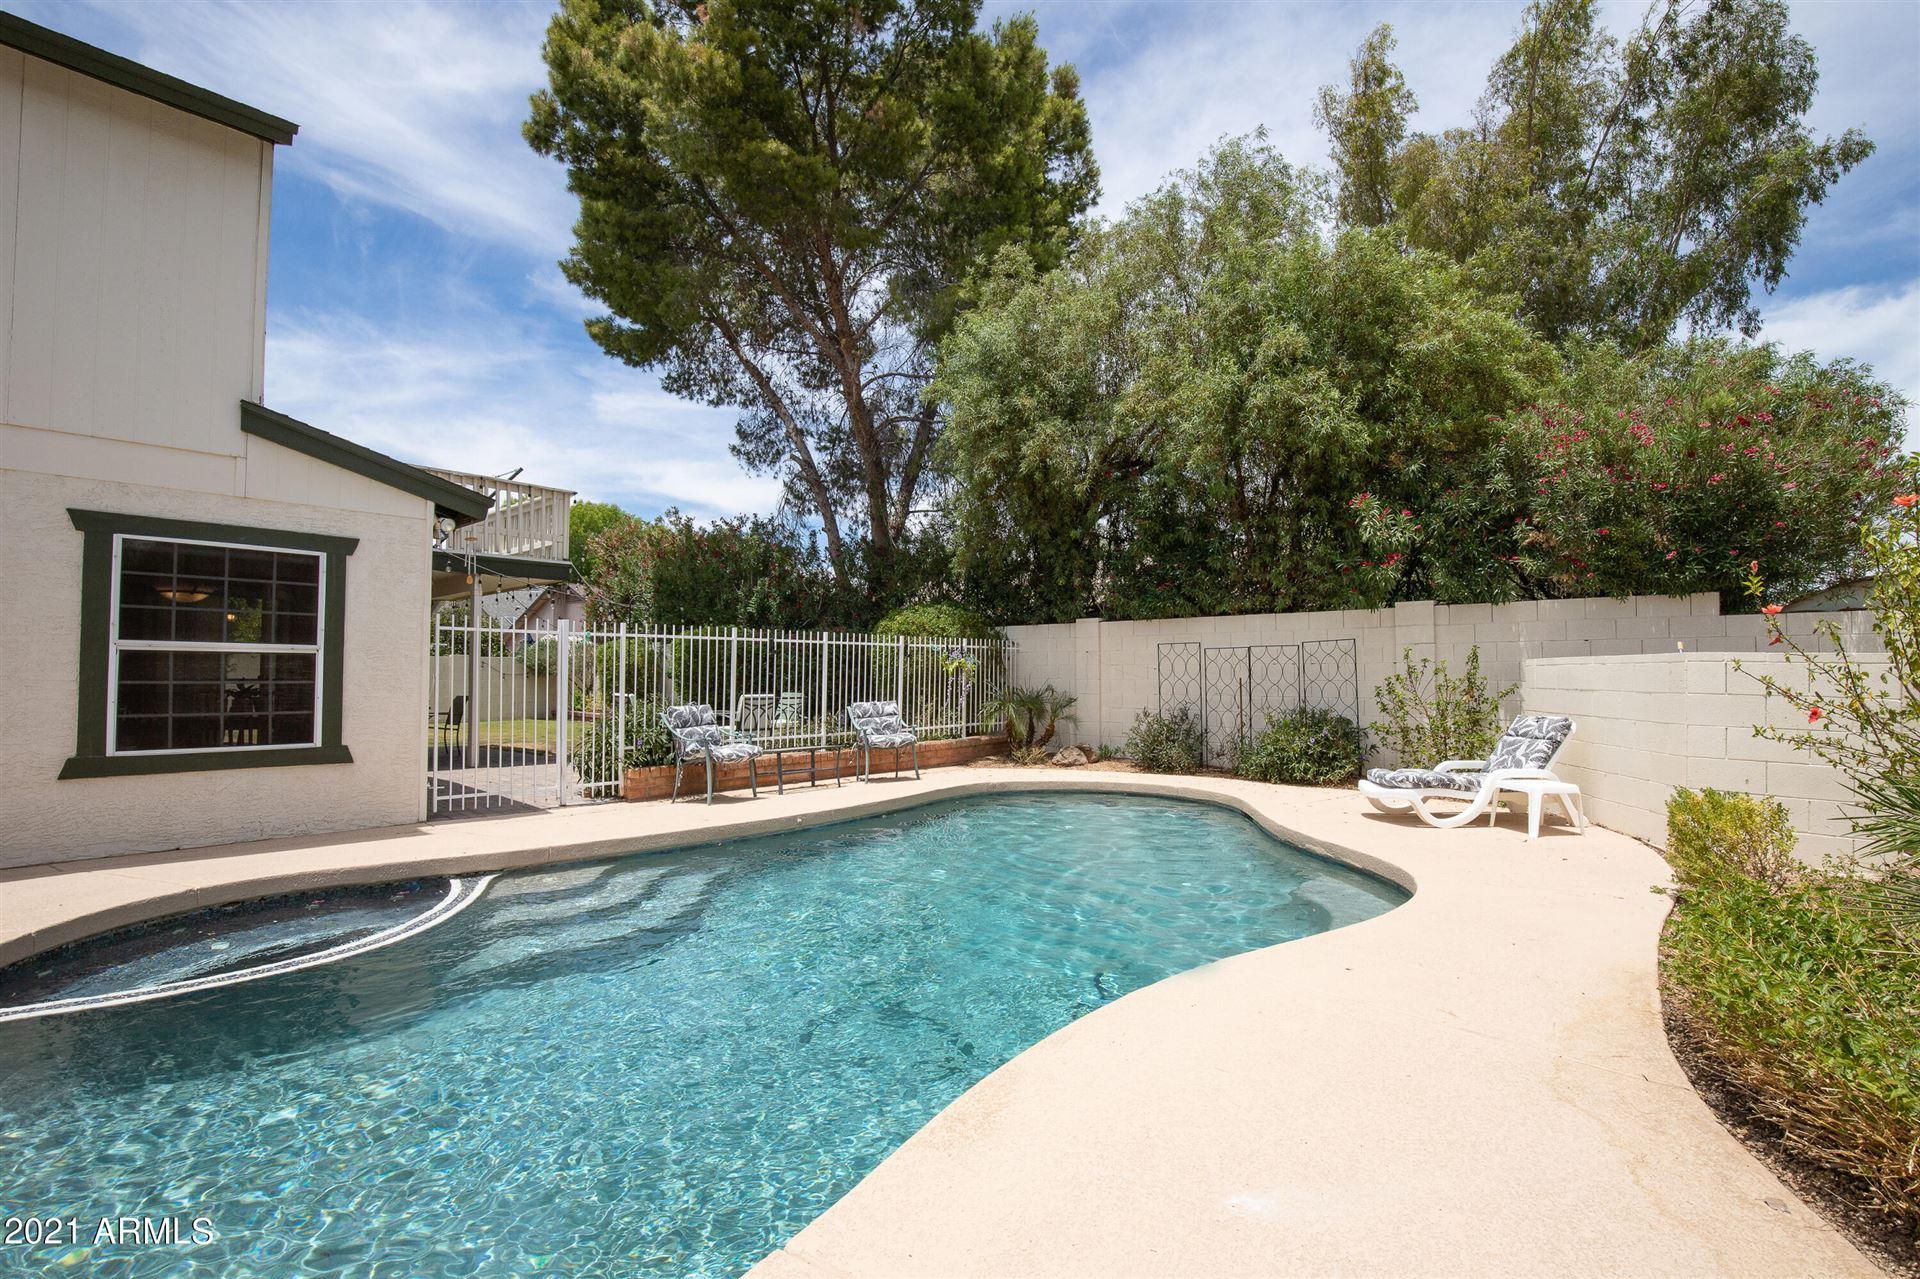 Photo of 8020 E MCLELLAN Boulevard, Scottsdale, AZ 85250 (MLS # 6249790)